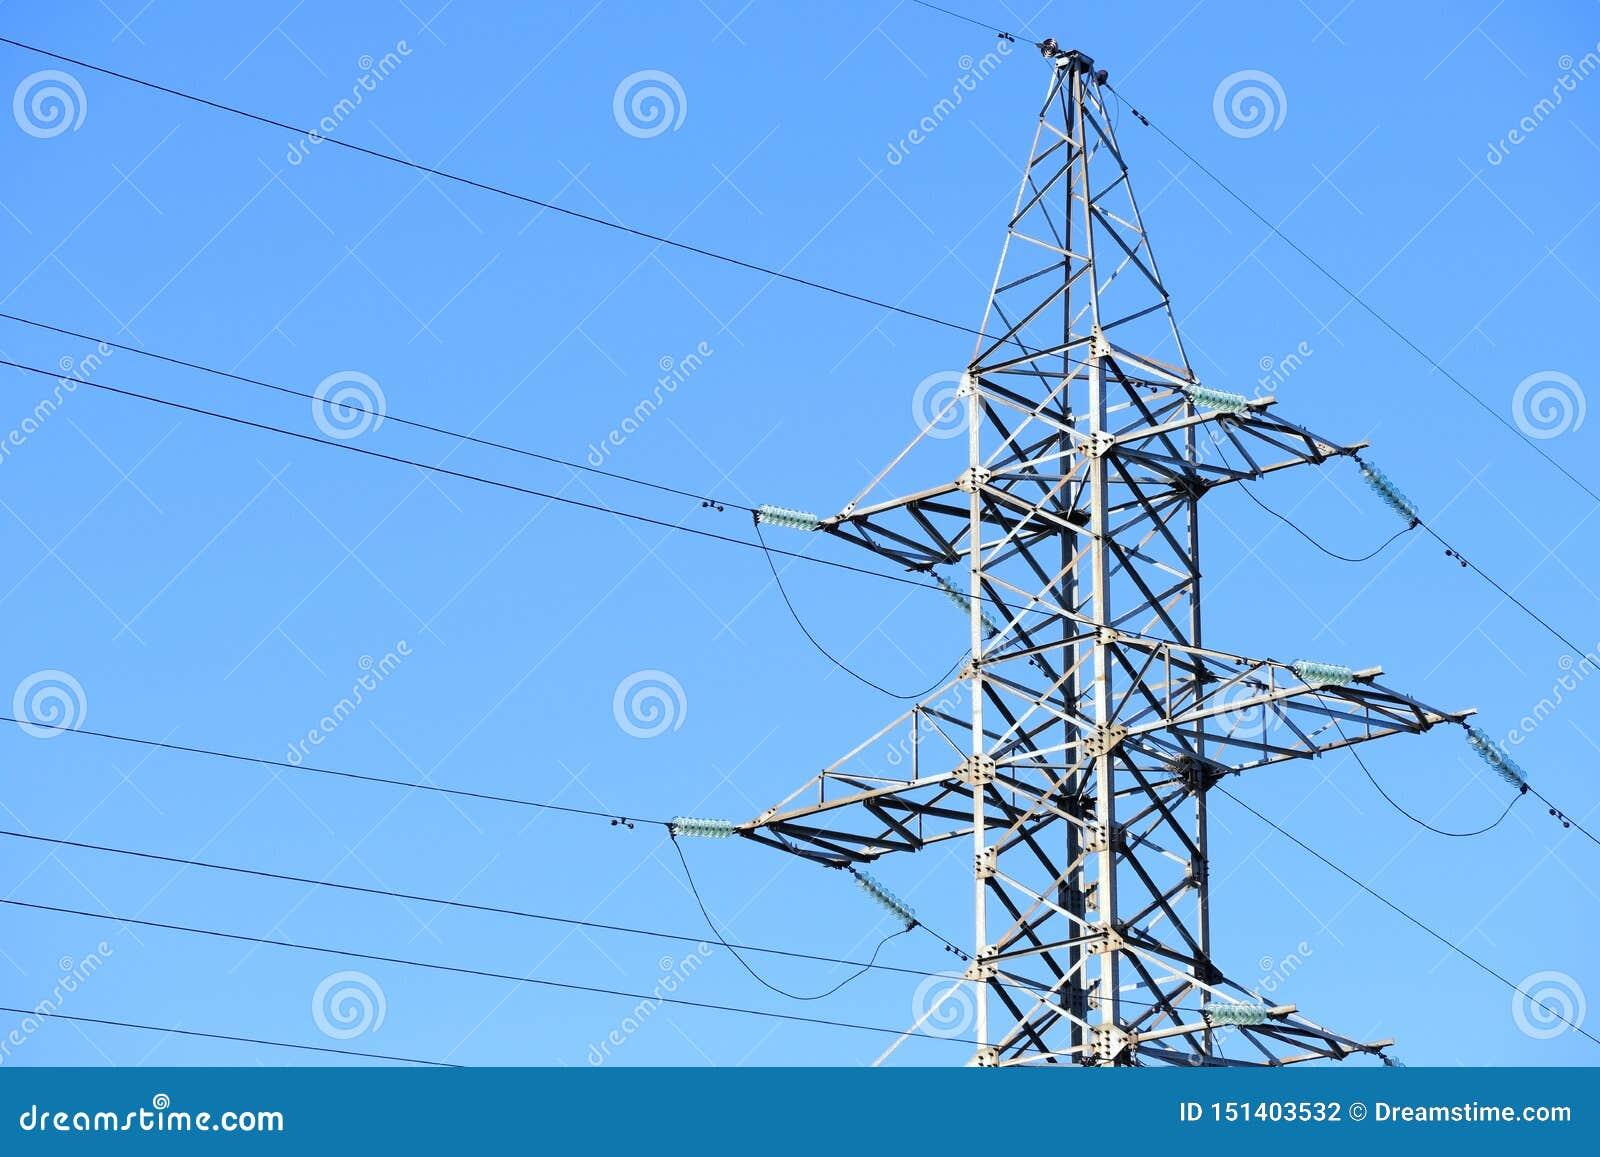 Ηλεκτροφόρο καλώδιο υψηλής τάσης ή ηλεκτροφόρα καλώδια πύργων ενάντια σε έναν μπλε ουρανό